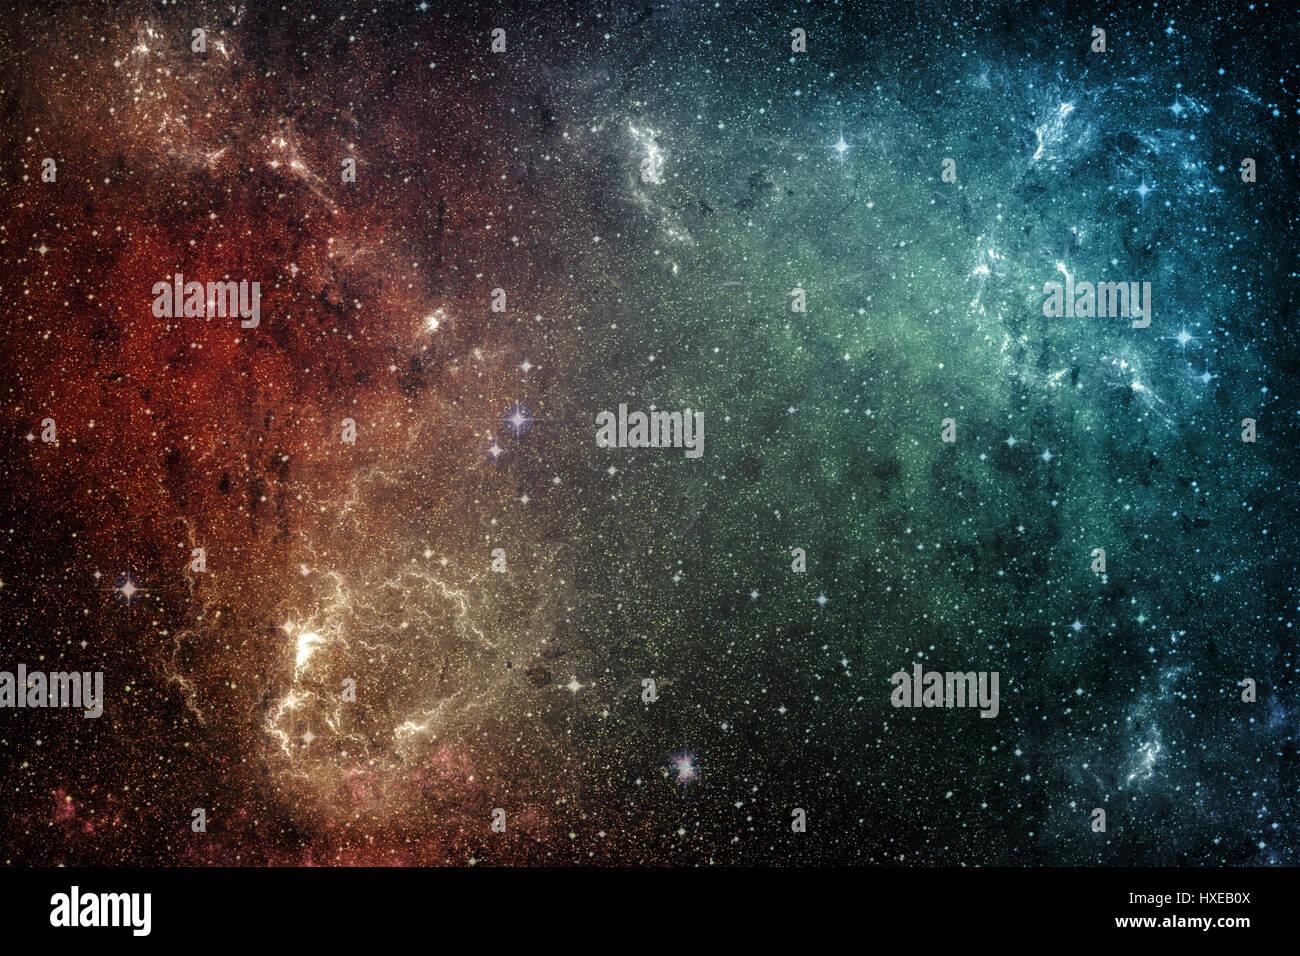 Sfondo spazio. Universo stelle nebulosa e Galaxy Immagini Stock